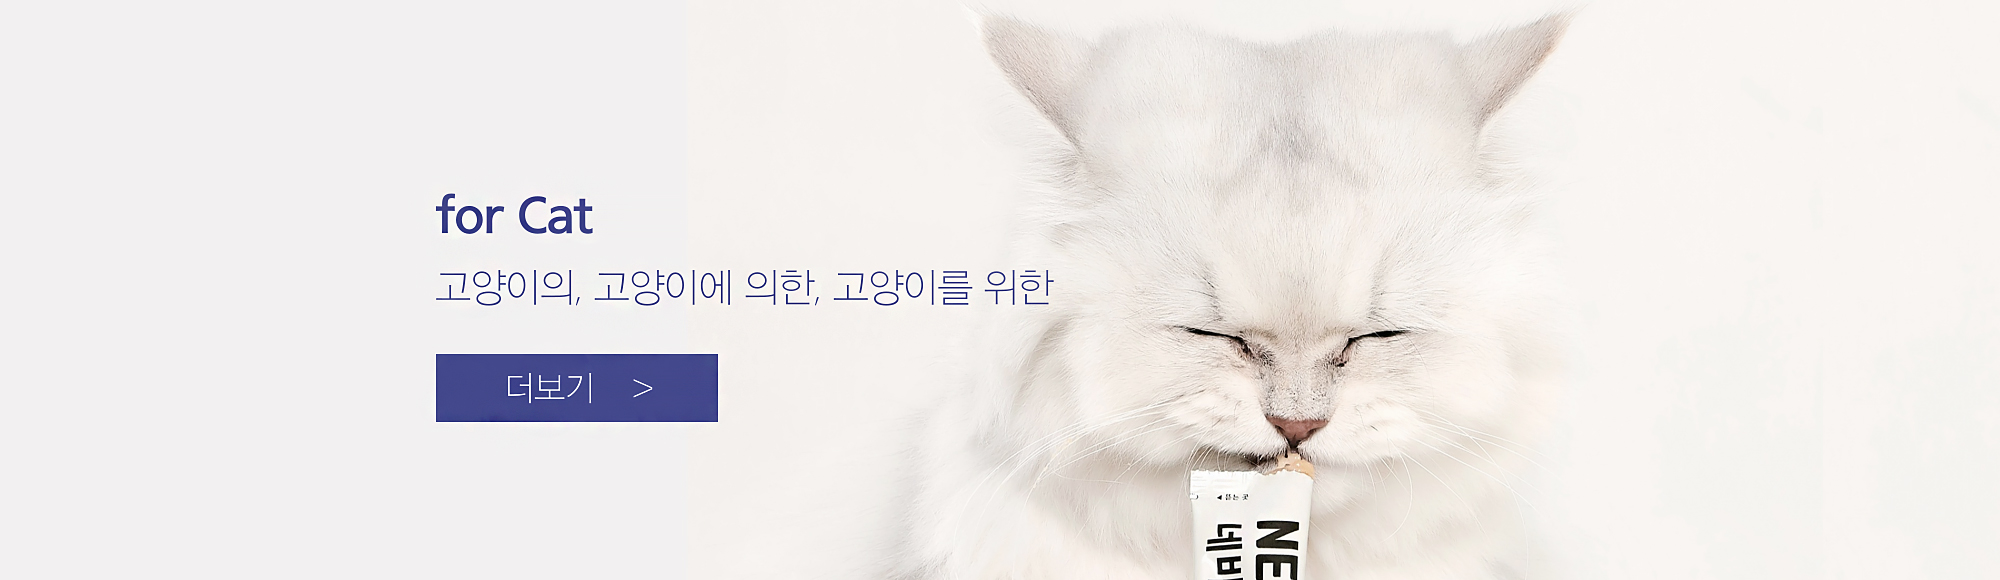 고양이영양제